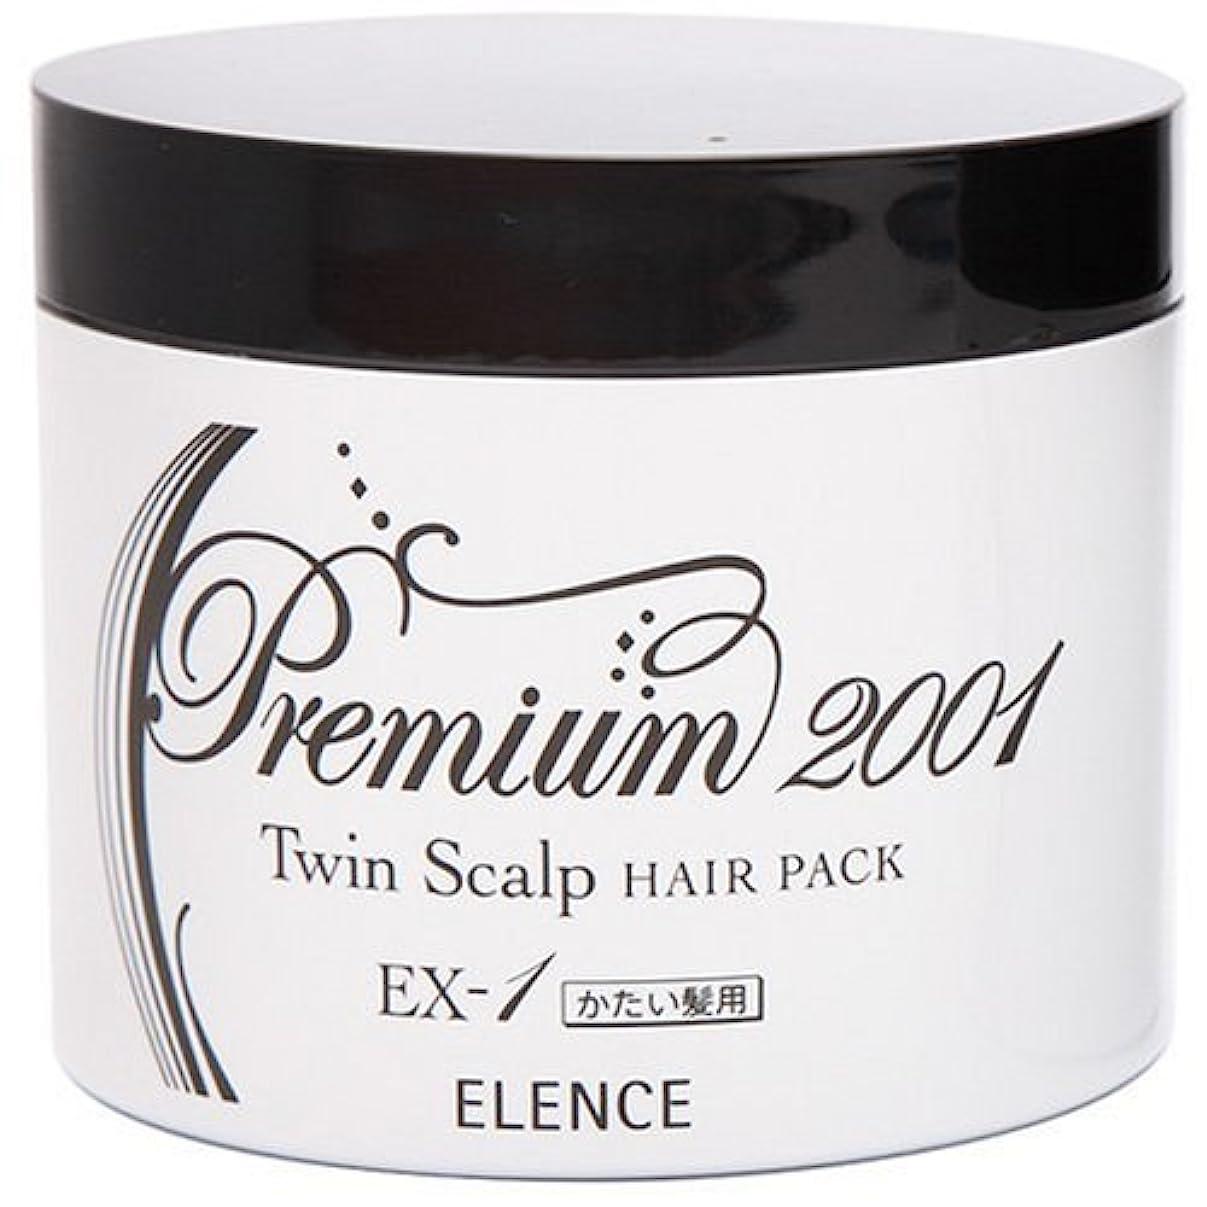 デモンストレーション立ち向かう合計エレンス2001 ツインスキャルプヘアパックEX-1(かたい髪用)